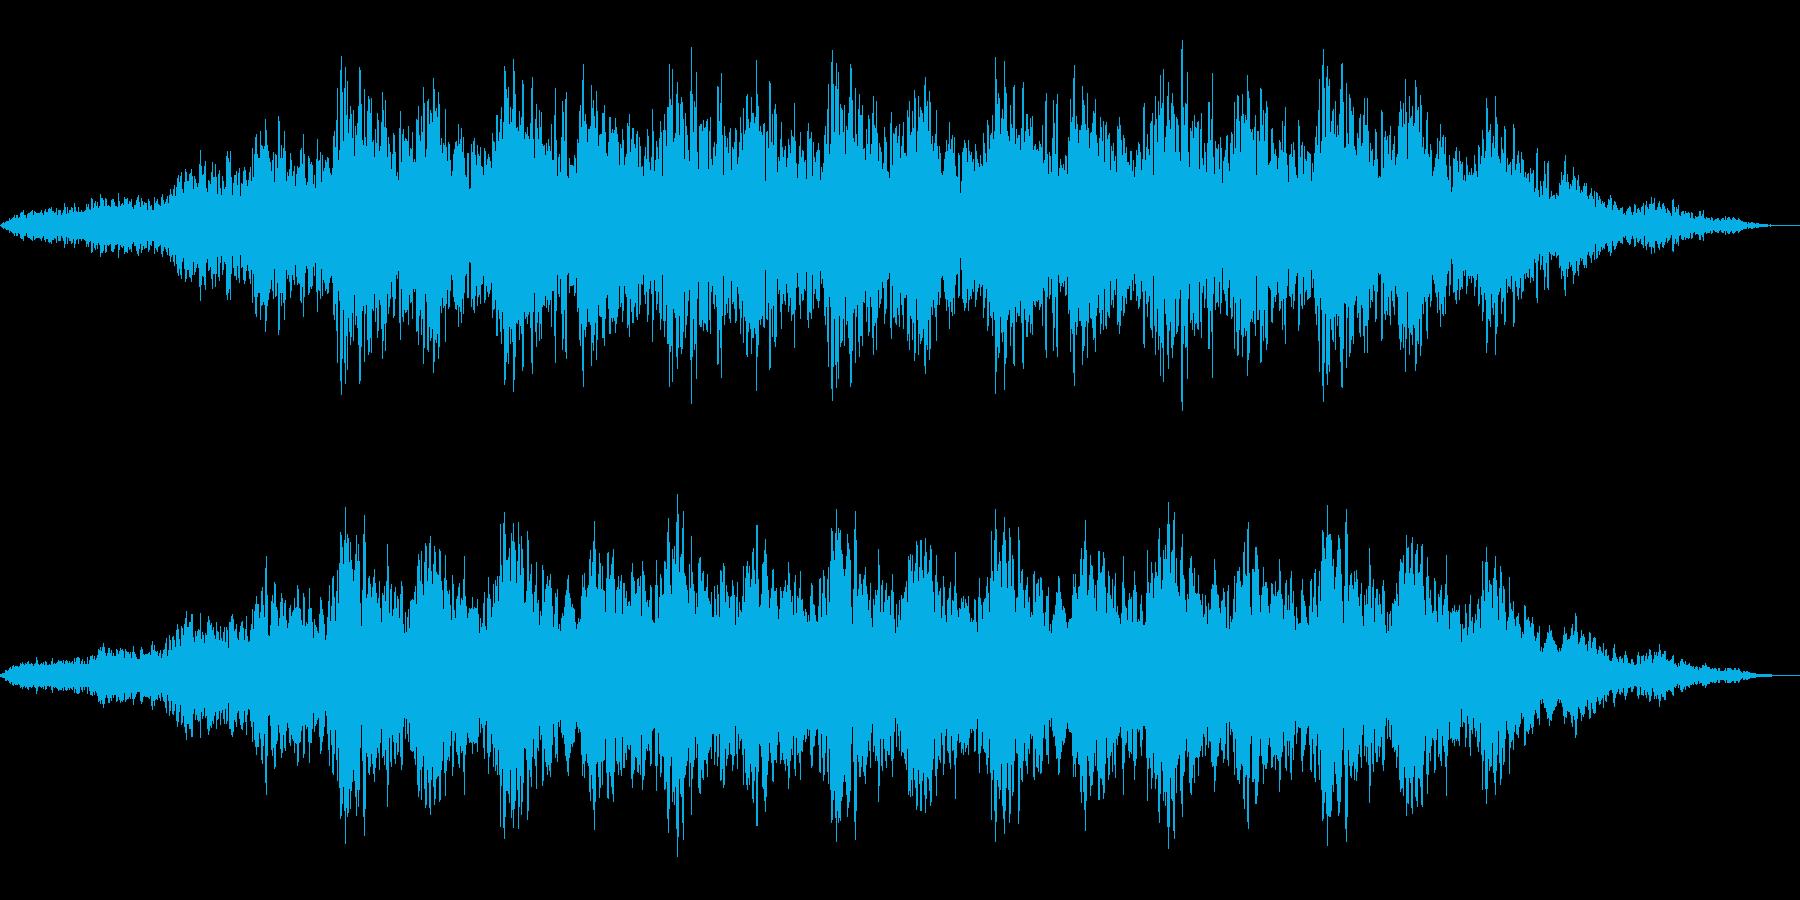 神秘的な雰囲気のアンビエント(背景音)3の再生済みの波形